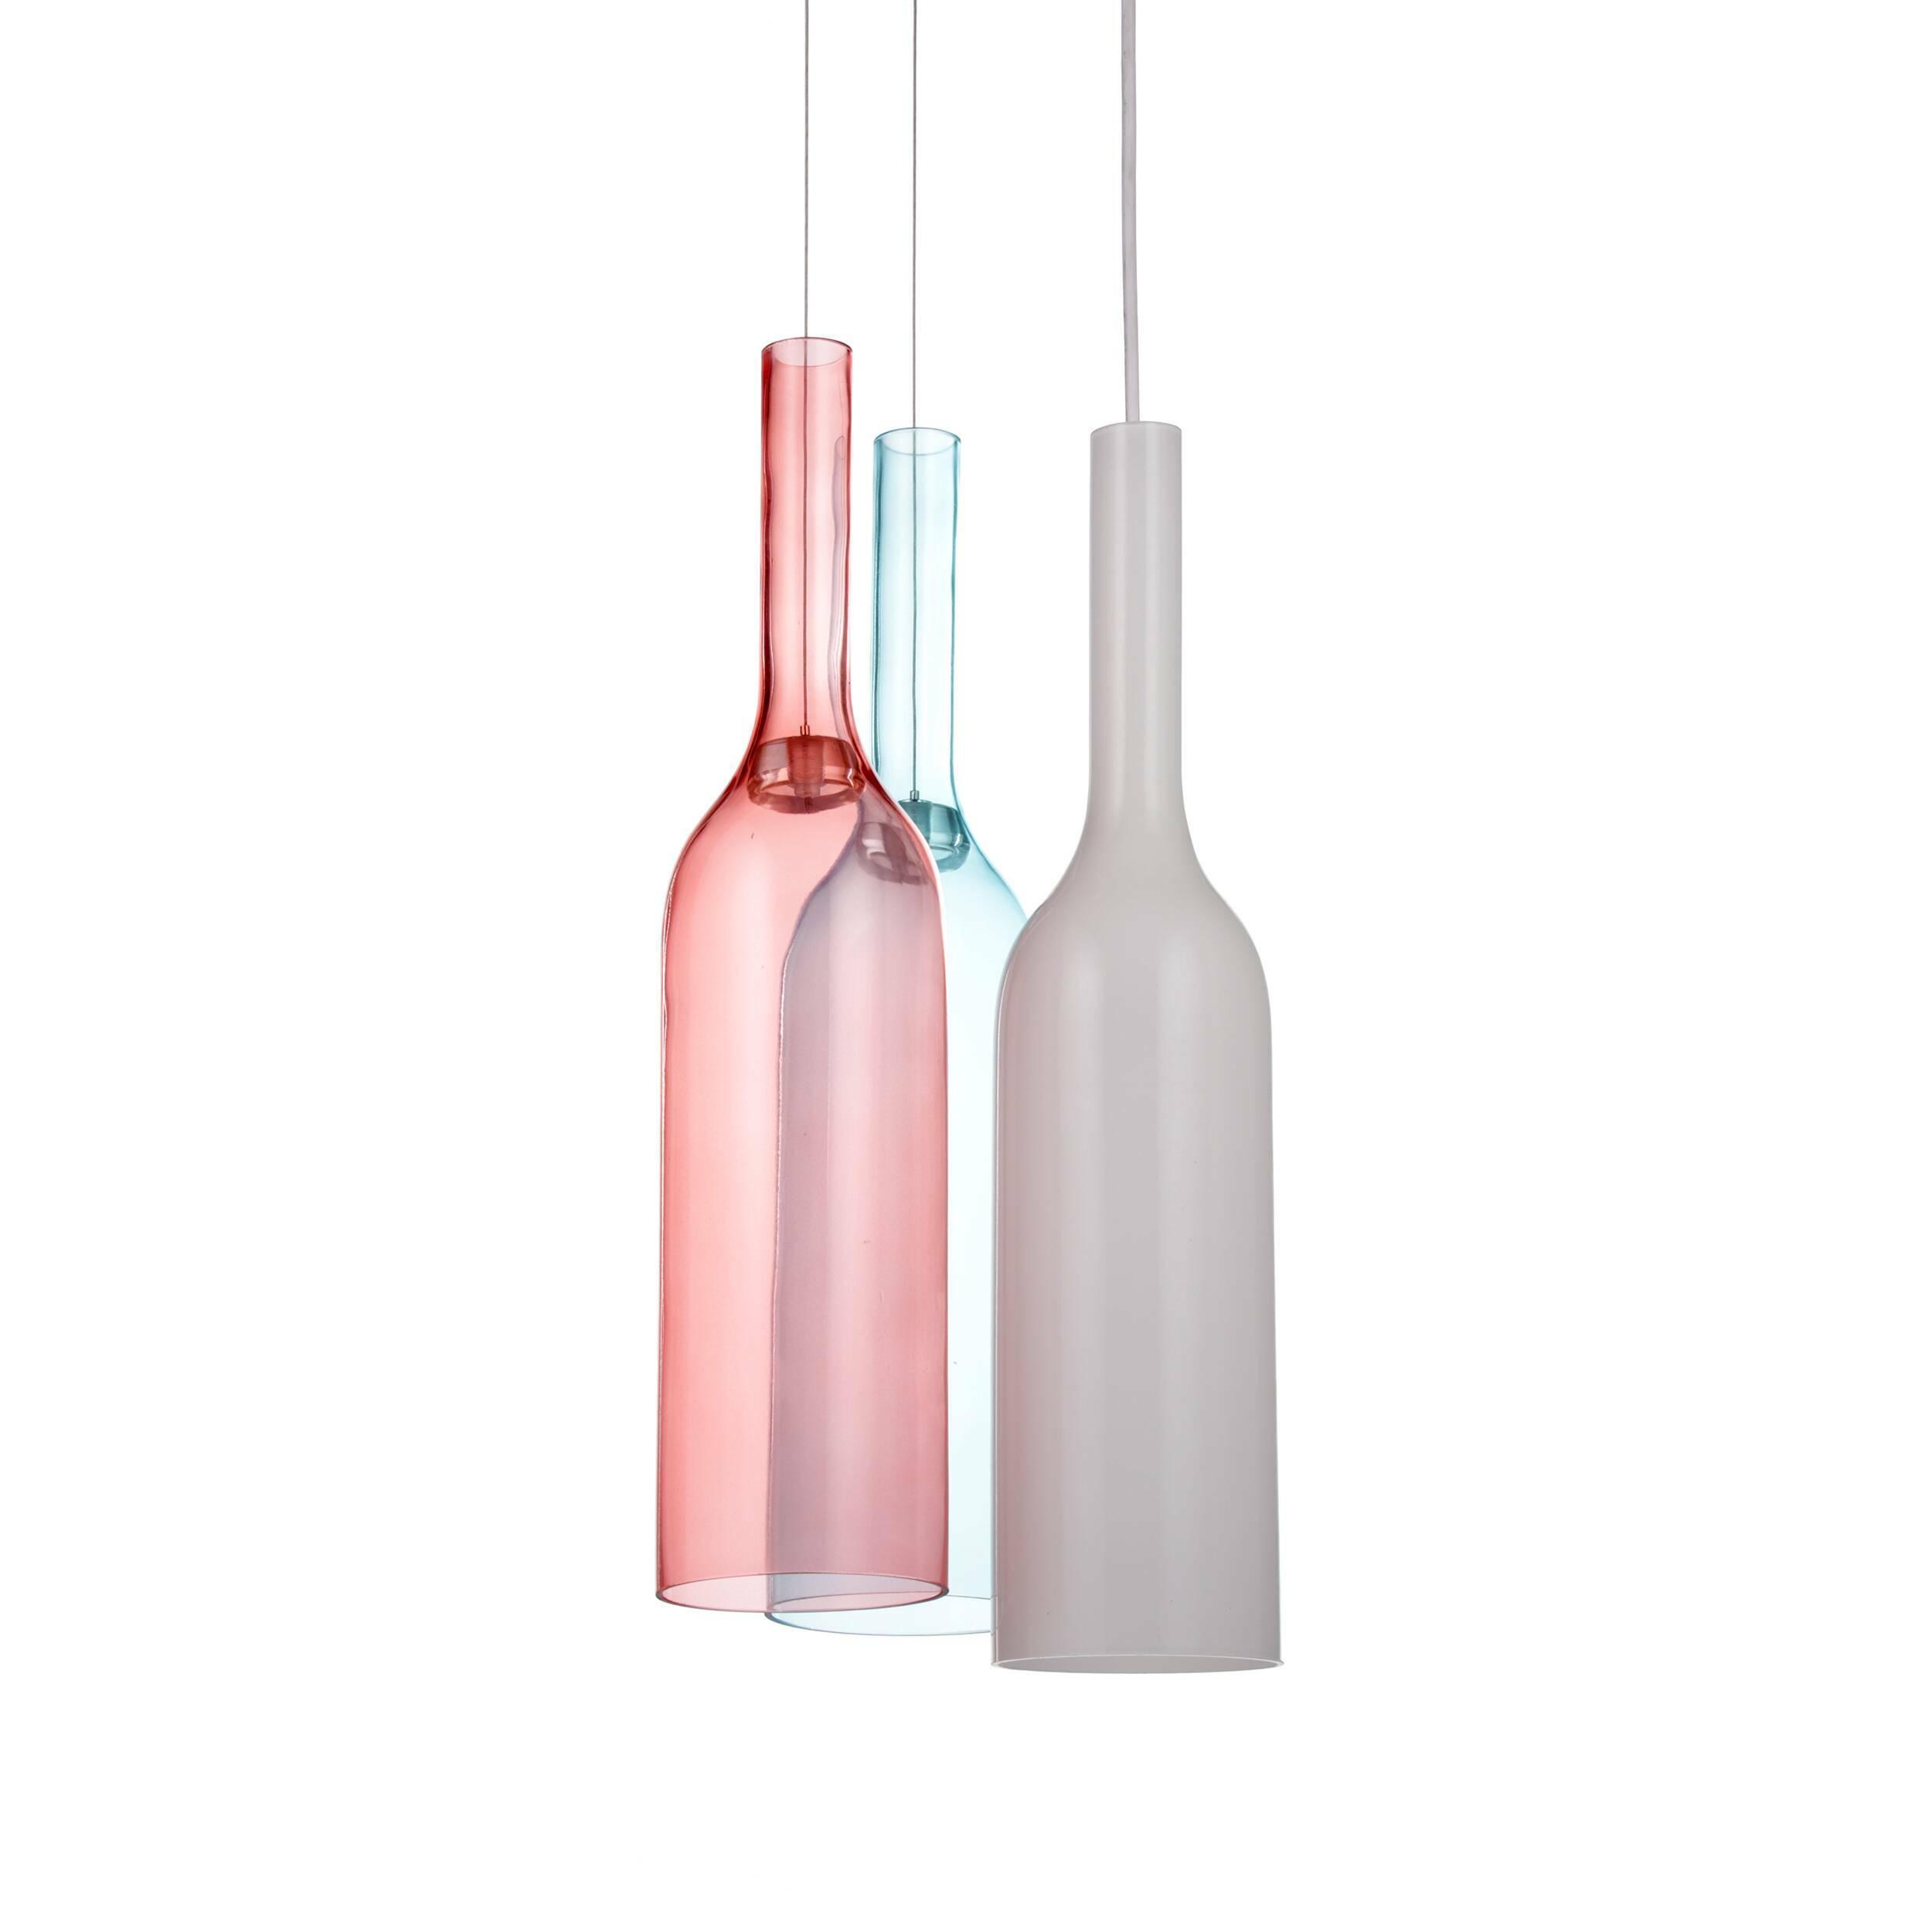 Подвесной светильник Jar RGB 3 лампыПодвесные<br>Кредо компании Lasvit, подарившей нам коллекцию подвесных светильников Jar RGB: «Наша задача — превратить стекло в не имеющие аналогов дизайнерские светильники, от которых у вас обязательно захватит дух».<br> <br> Подвесной светильник Jar RGB 3 лампы выполнен в особой технике выдувания стекла и несет в себе концепцию цветовой модели RGB (аббревиатура английских слов Red, Green, Blue — красный, зеленый, синий). Светильники сделаны из опалового стекла, благодаря чему свет качественно не меняется, о...<br><br>stock: 0<br>Высота: 180<br>Диаметр: 30<br>Количество ламп: 1<br>Материал абажура: Стекло<br>Мощность лампы: 40<br>Ламп в комплекте: Нет<br>Напряжение: 220<br>Тип лампы/цоколь: E27<br>Цвет абажура: Разноцветный